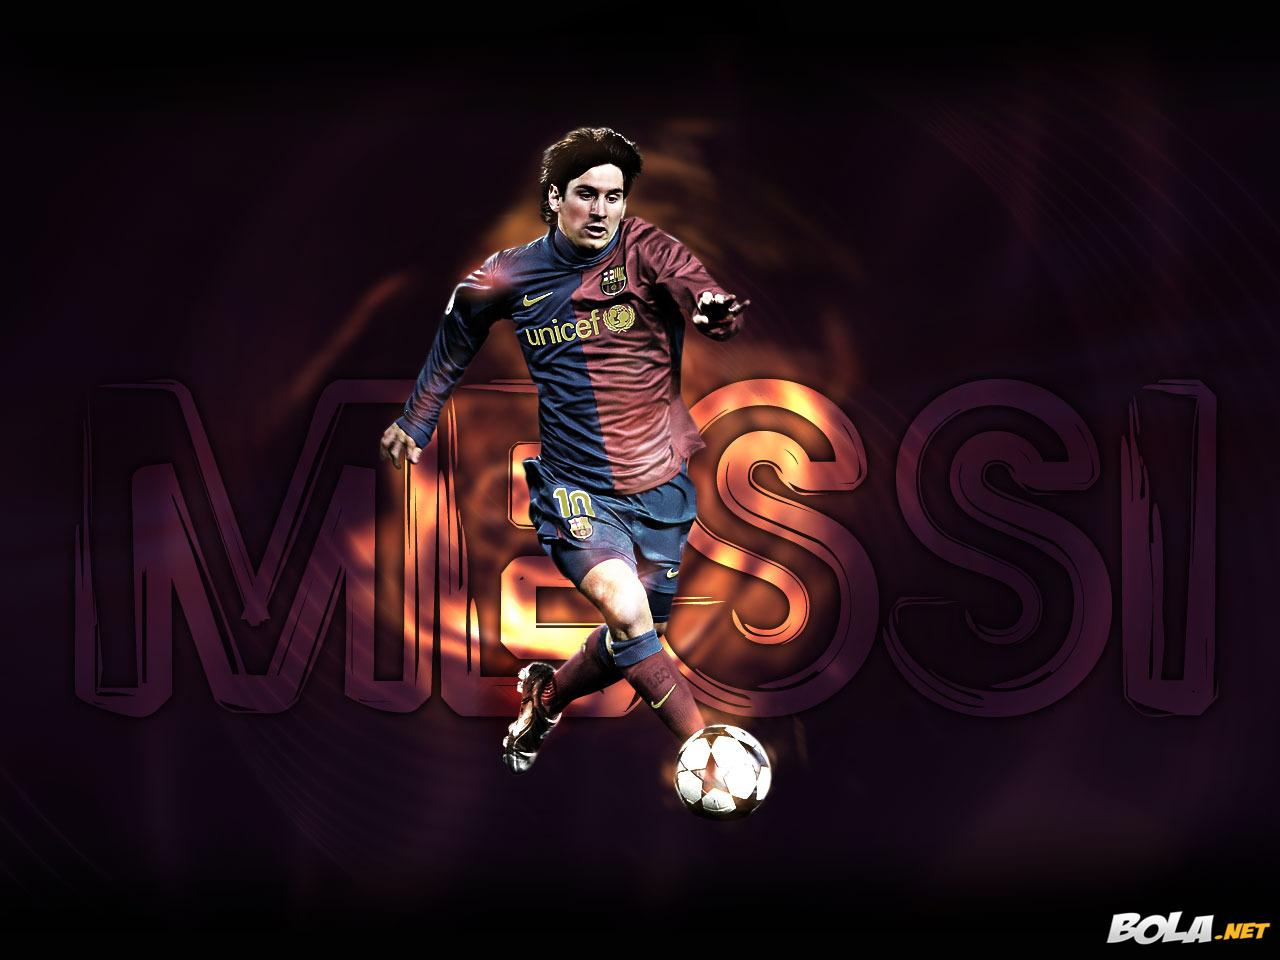 Wallpapers Leonl Mssi PhotosLionel Messi Images Lionel Messi 1280x960